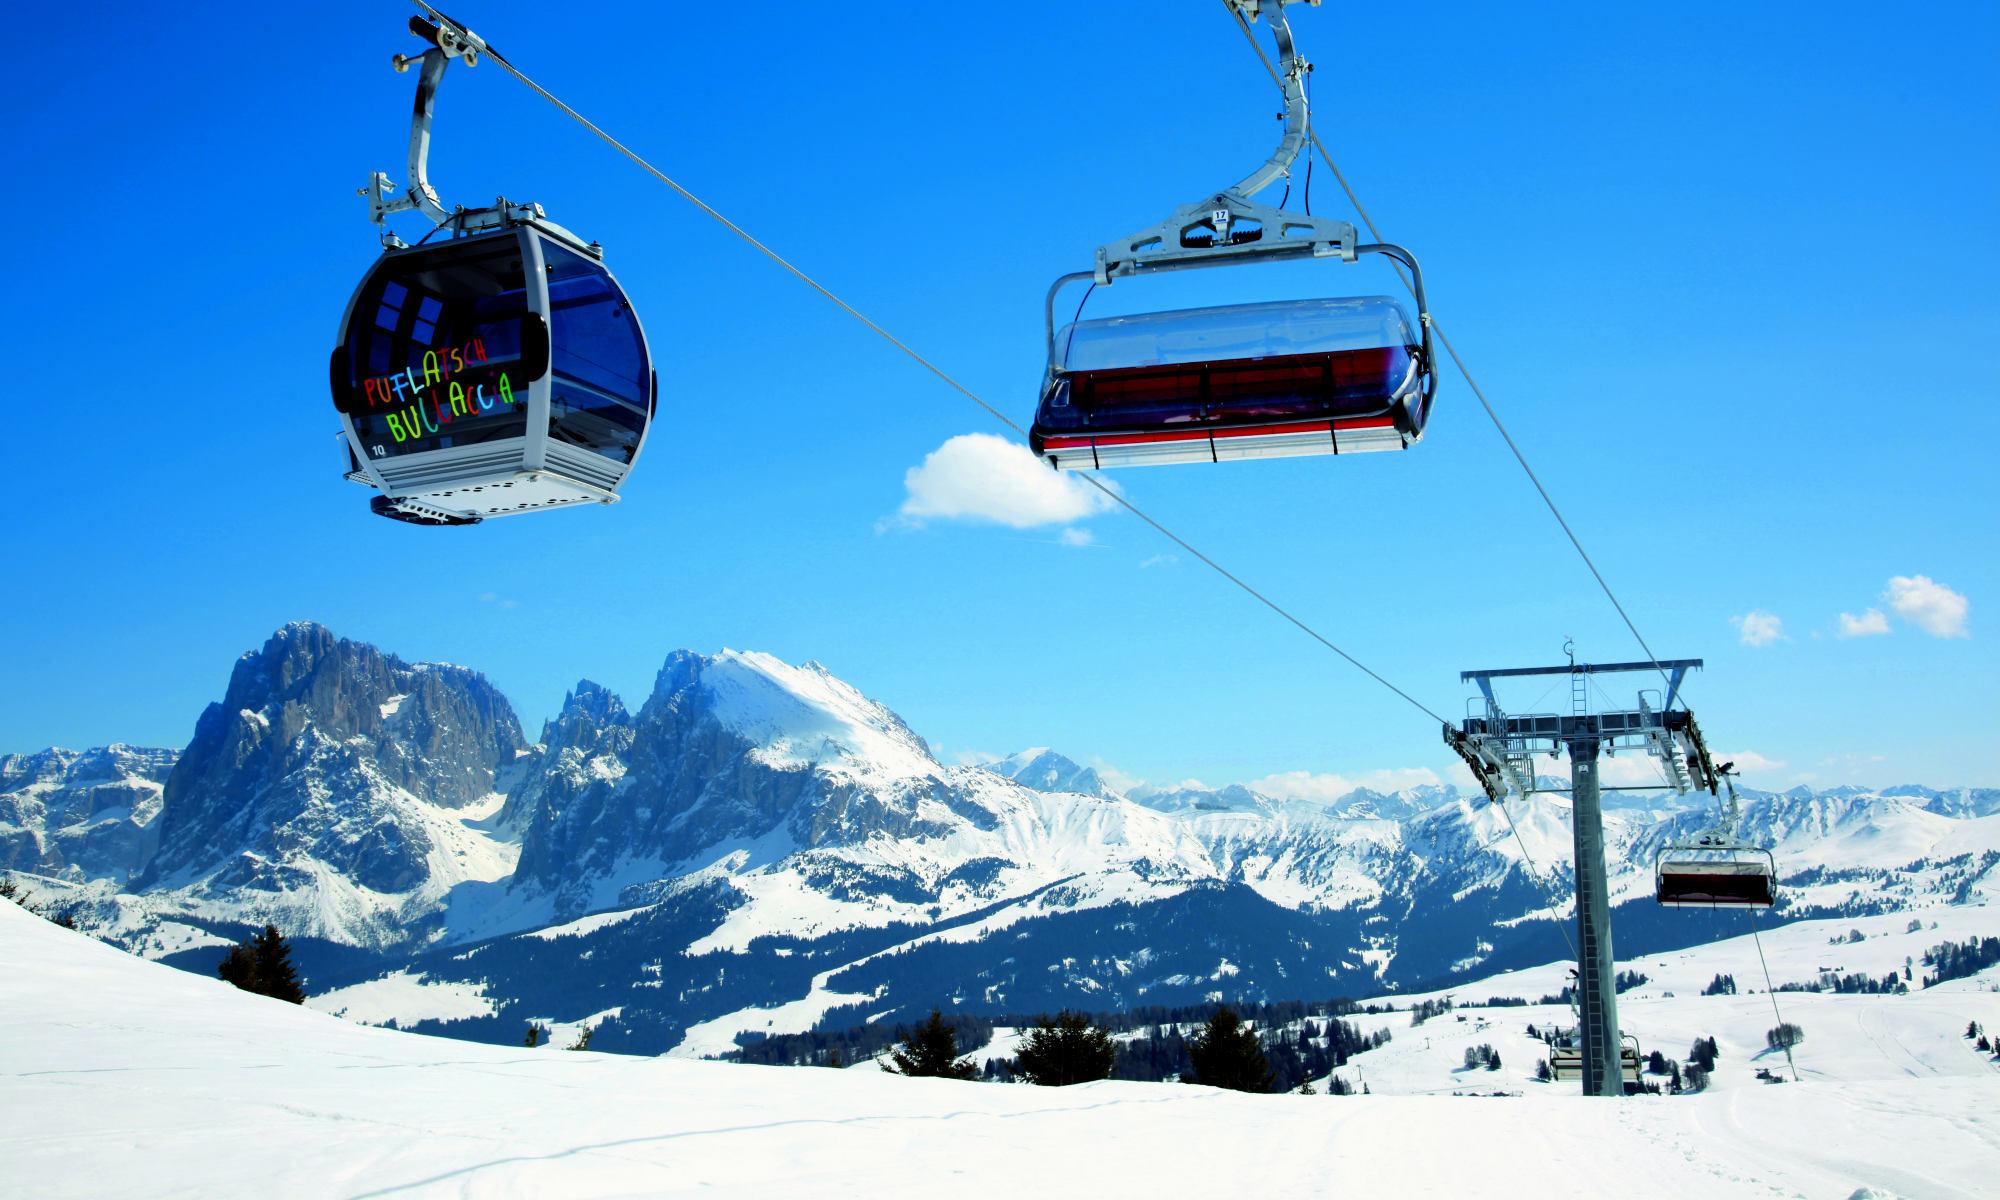 Blick vom Skigebiet Seiser Alm auf die Pisten, Liftanlagen und Berge des Skigebiets.